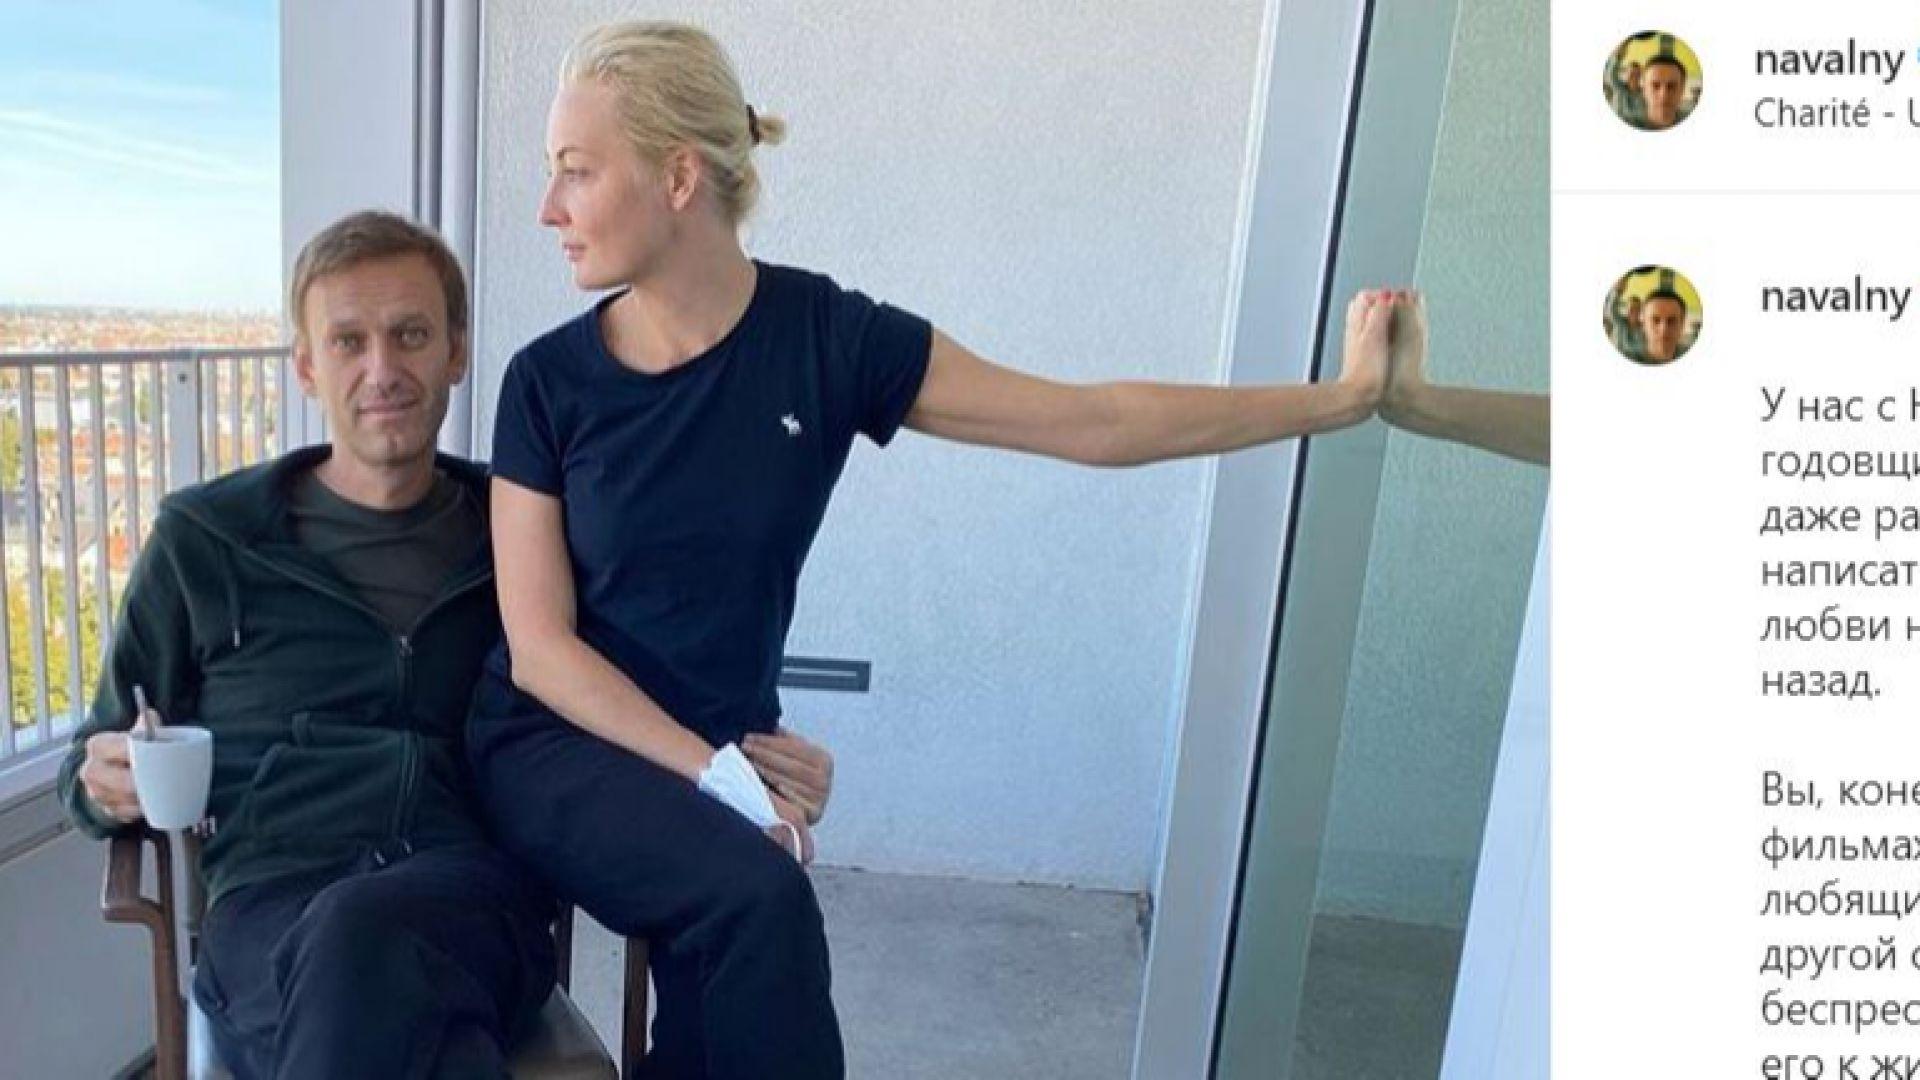 Навални за любовта: Юля, ти ме спаси и нека това бъде записано в учебниците по неврология